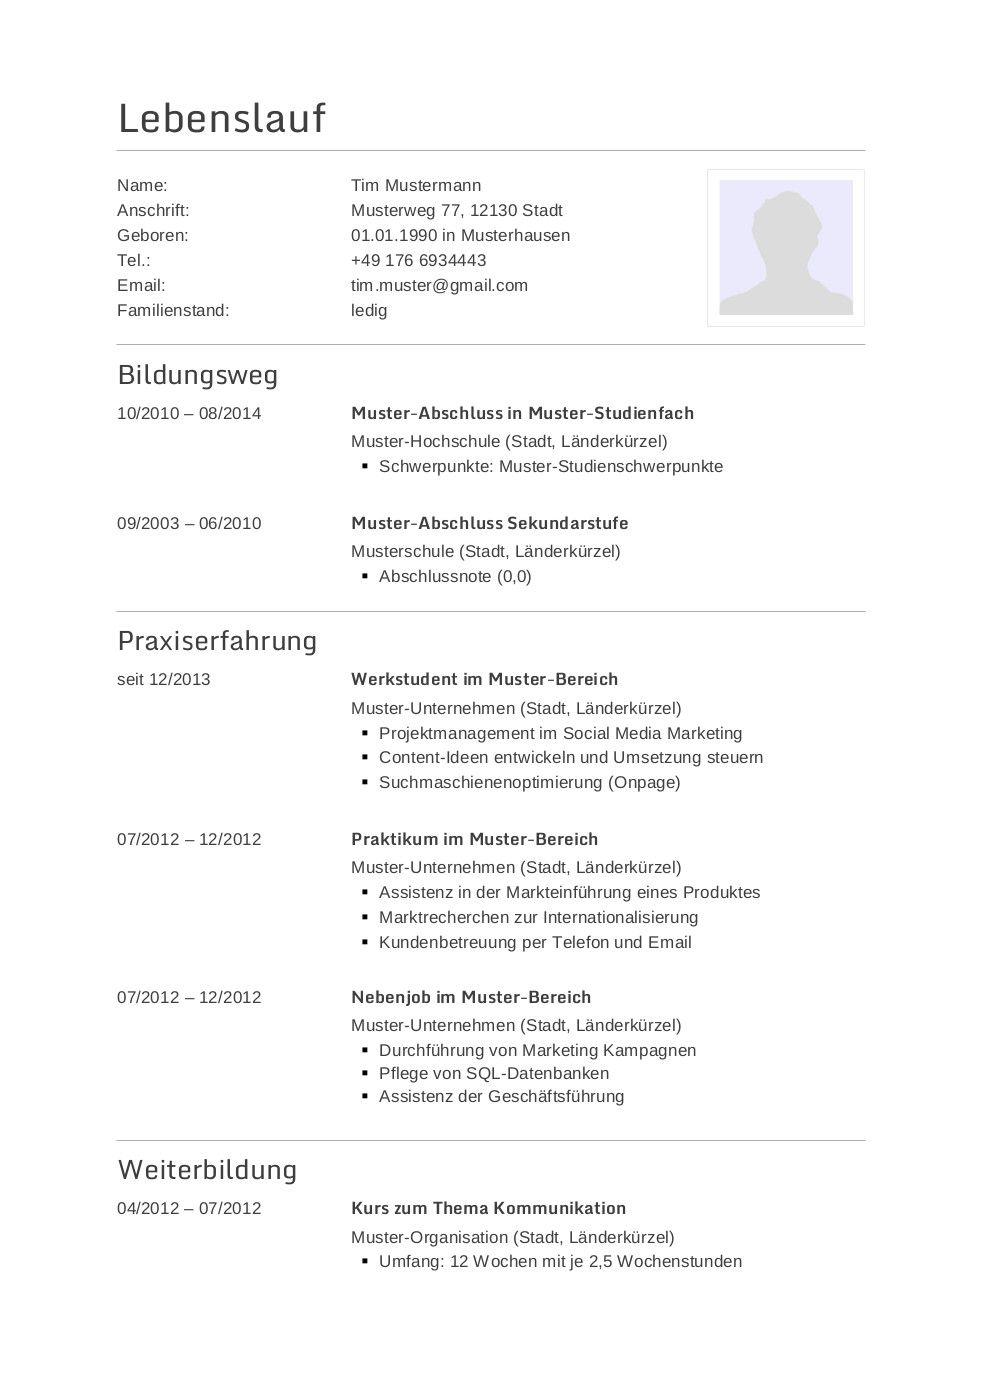 Groß Beispiel Lebenslauf Für Absolventen Krankenpflegeschule ...